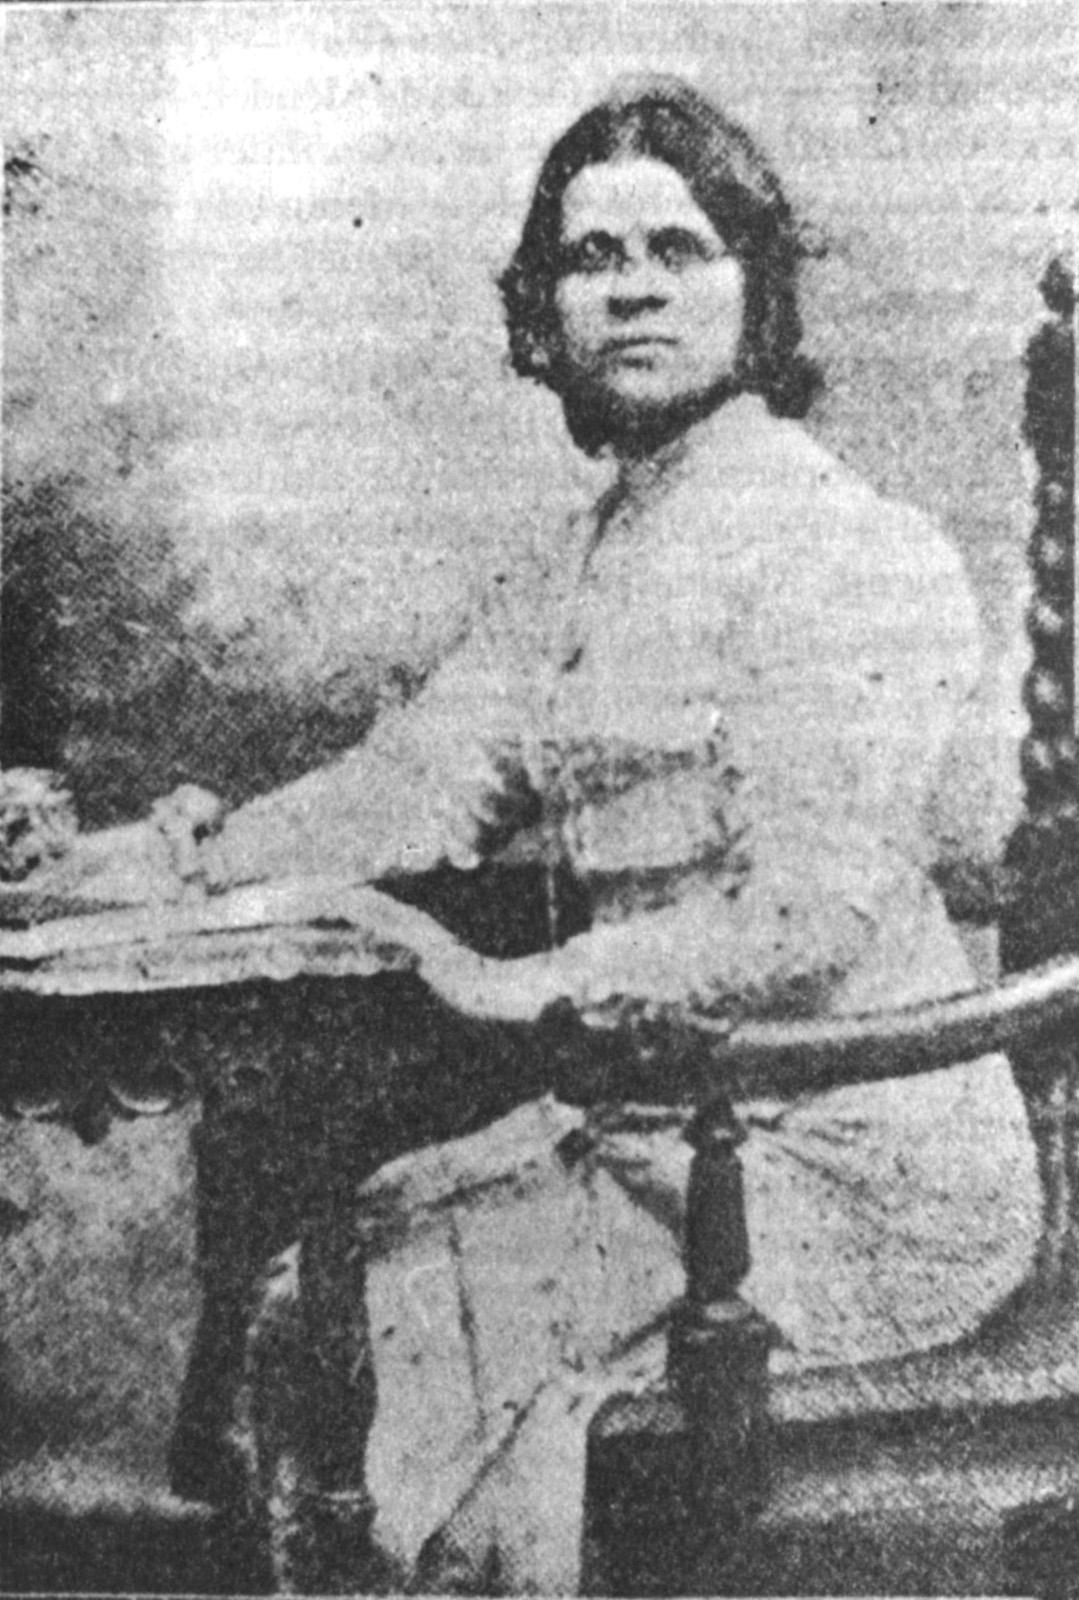 Luisa Capetillo (1879-1922): Líder obrera y sindical, periodista, sufragista y escritora. Desafió todos los convencionalismos de la época: tuvo hijos sin estar casada y fue encarcelada por usar un traje considerado de hombre. (Archivo)